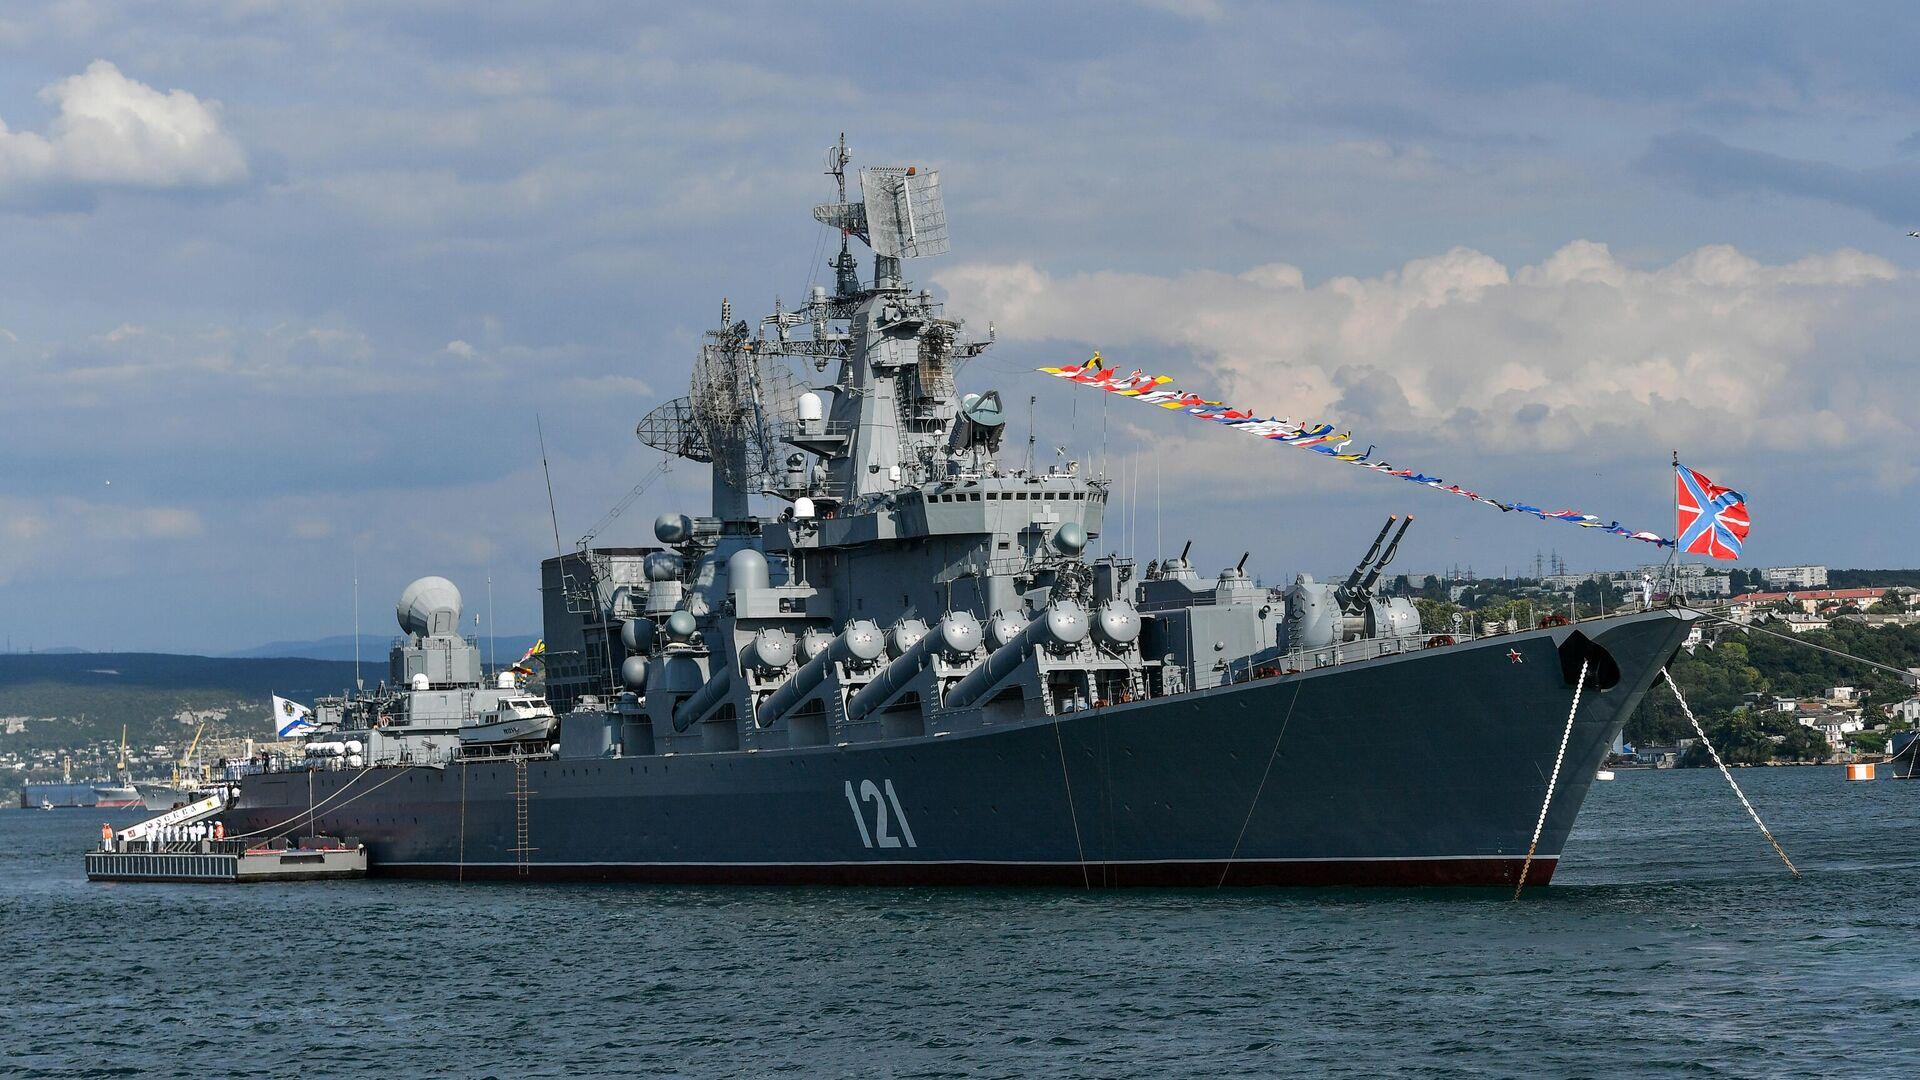 El crucero lanzamisiles ruso Moskva - Sputnik Mundo, 1920, 20.09.2021